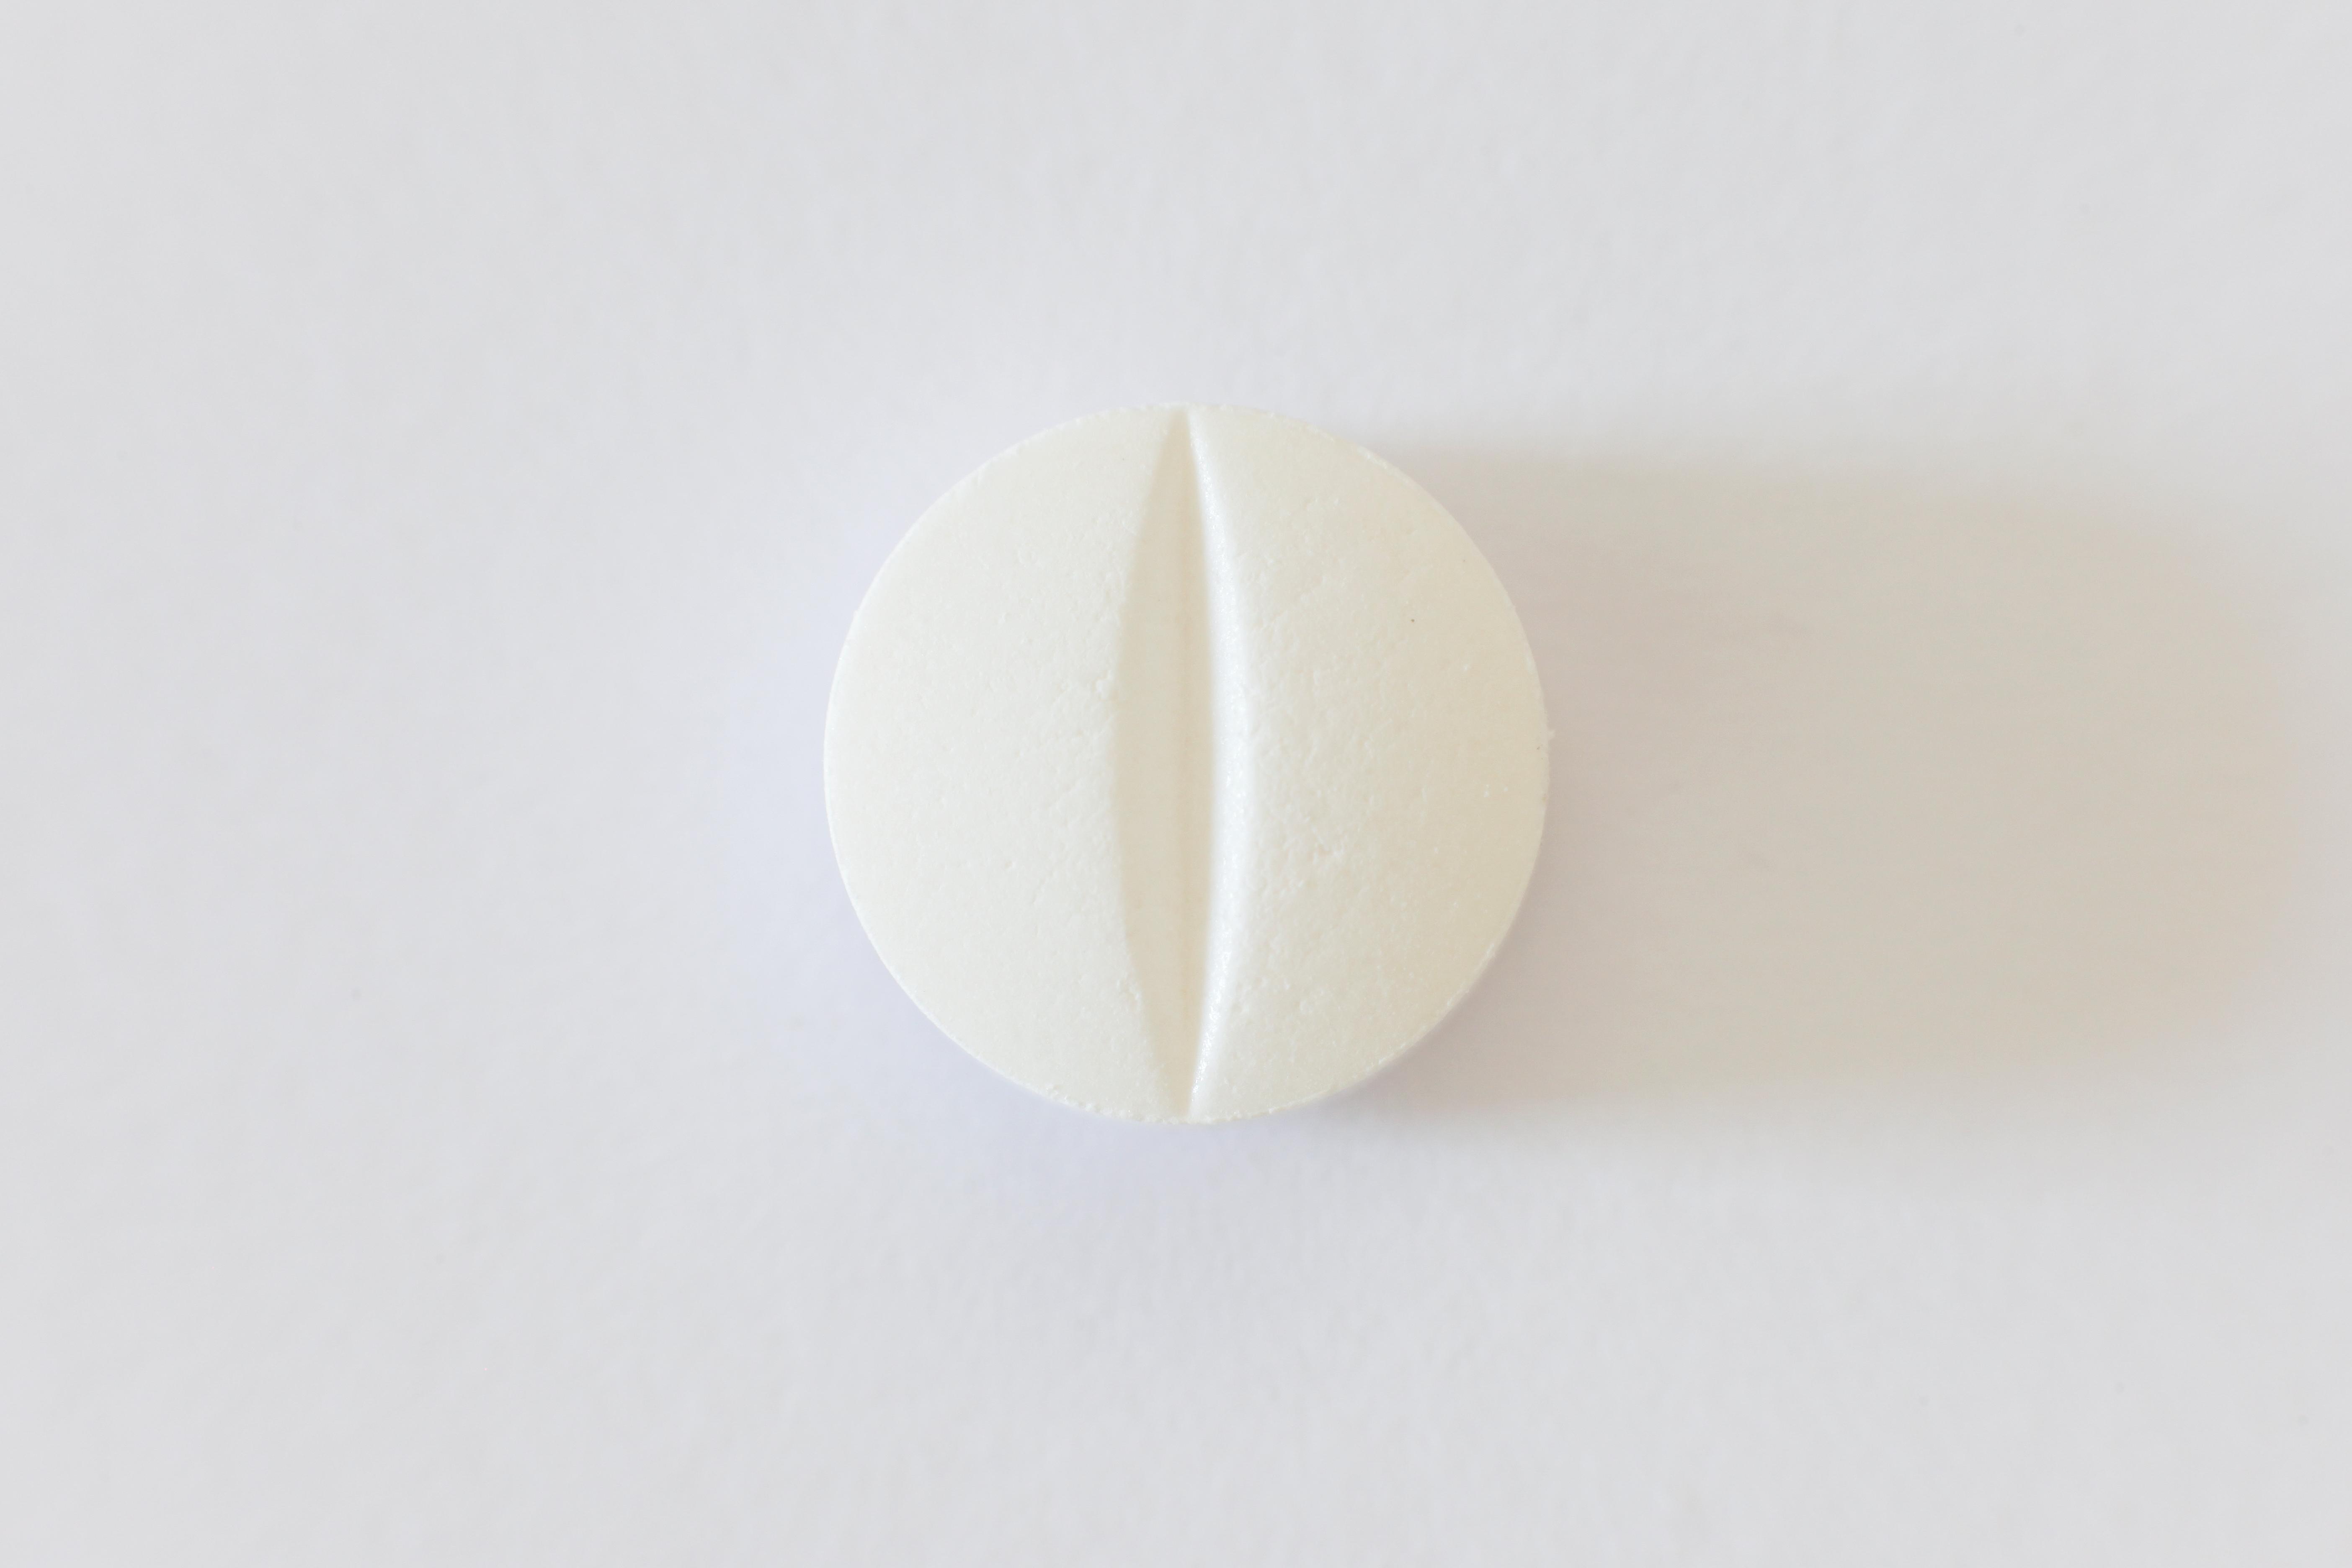 (c) CFJ Tablette 2